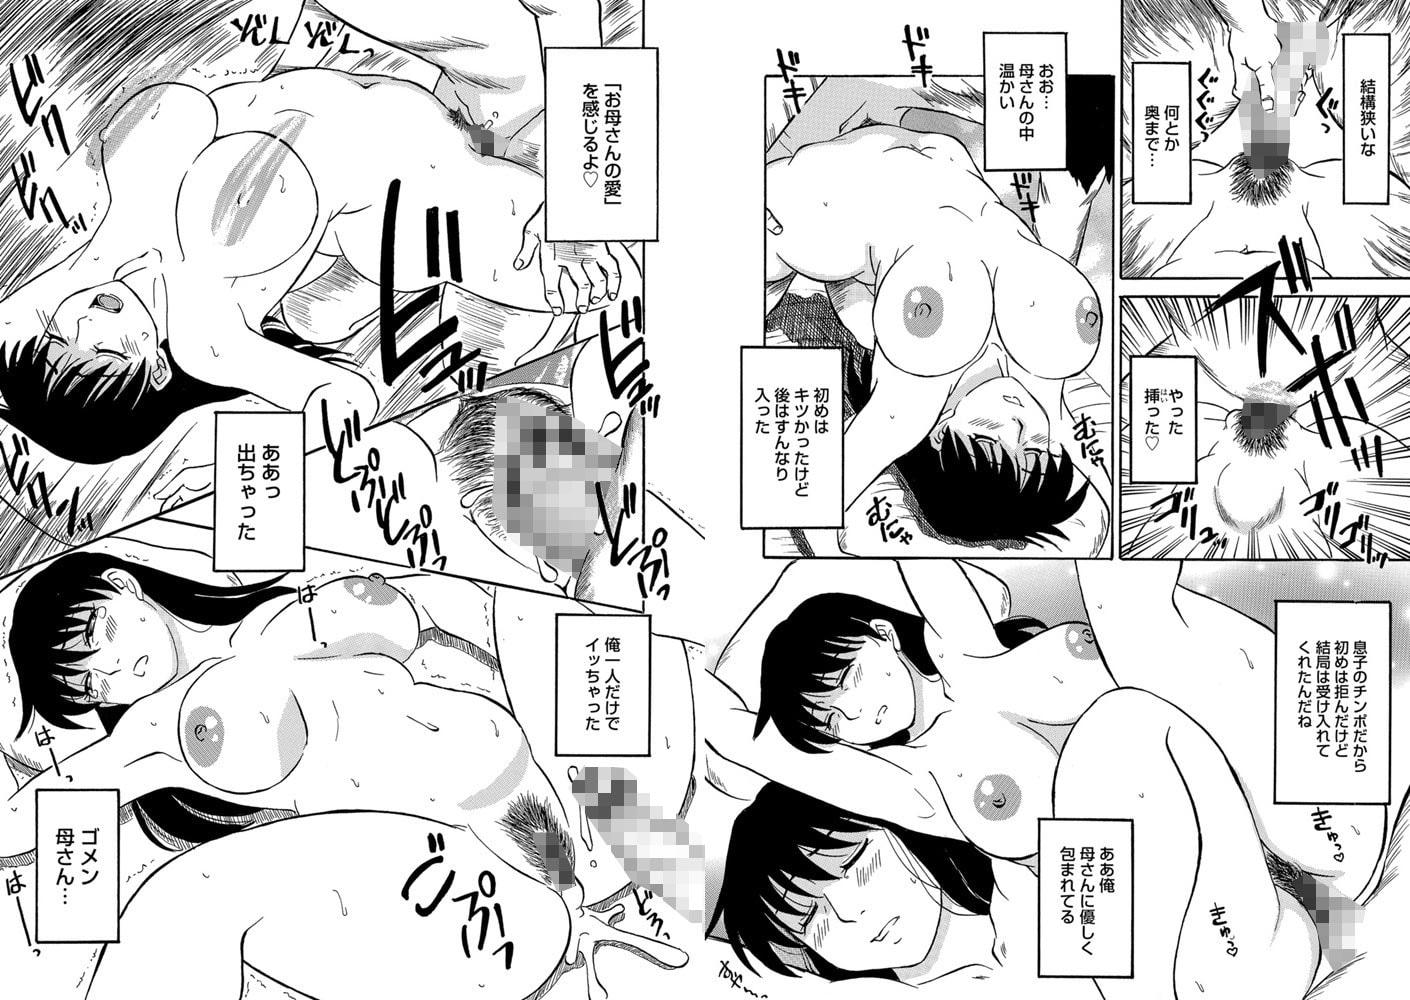 WEB版コミック激ヤバ! Vol.120